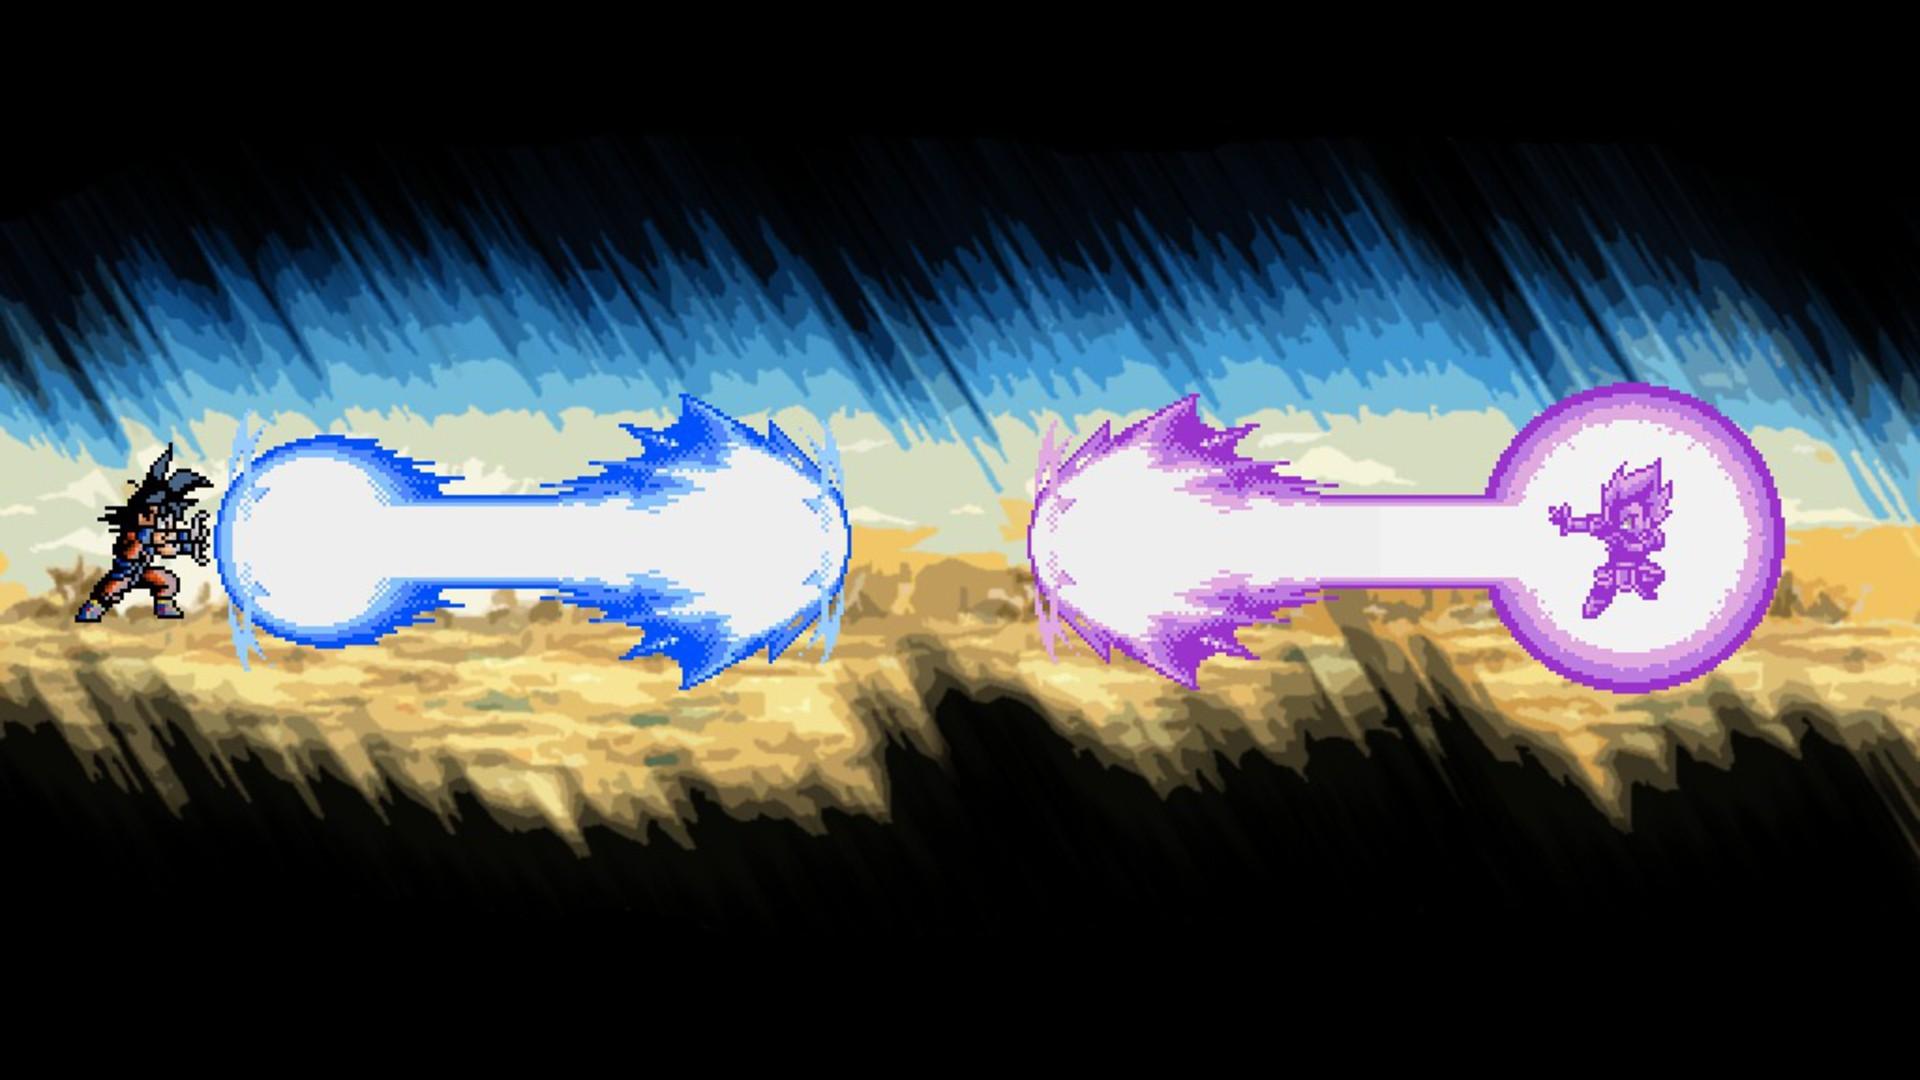 Vegeta Son Goku Dragon Ball Z goku vs vegeta Kakarotto wallpaper 1920x1080